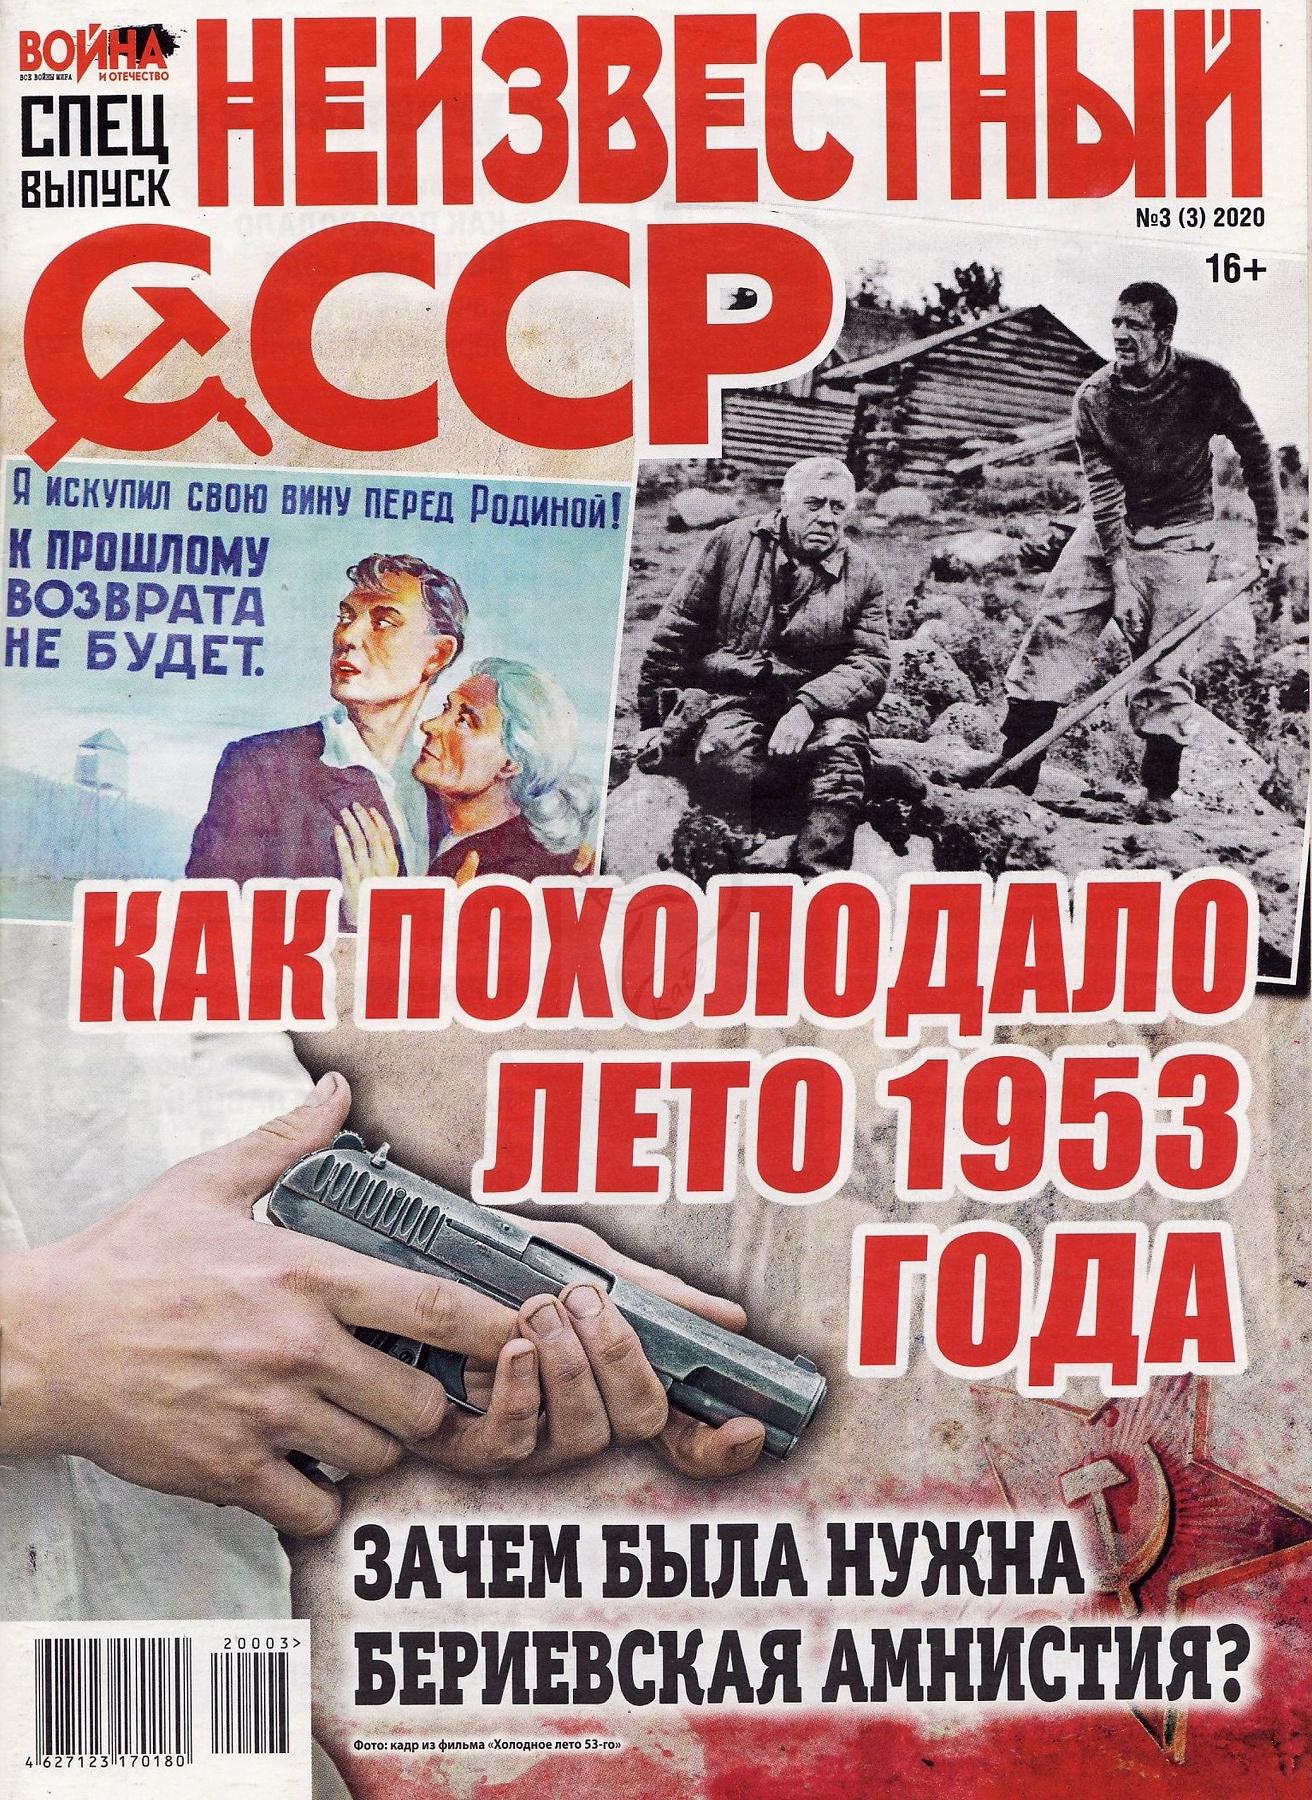 Война и отечество. Спецвыпуск Неизвестный СССР №3, 2020